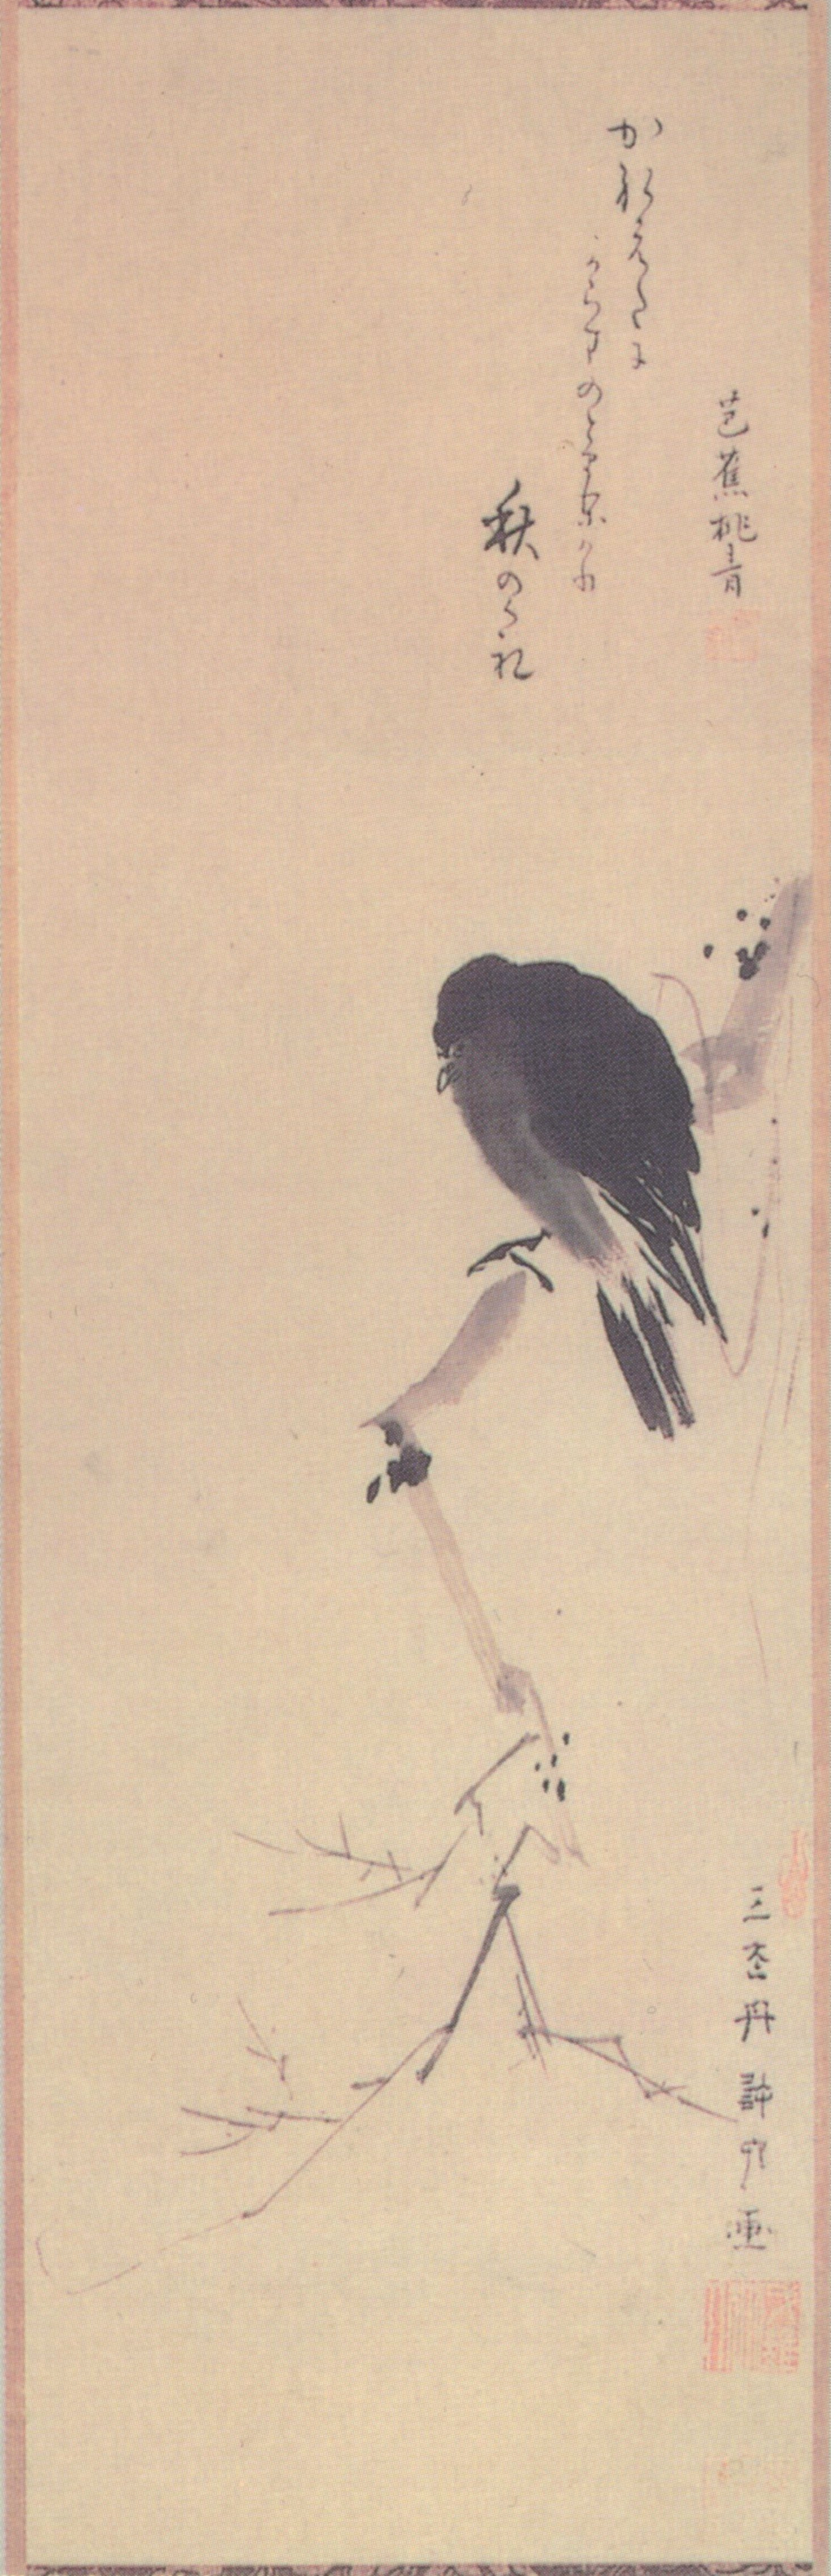 Painting by Morikawa Kyoriku